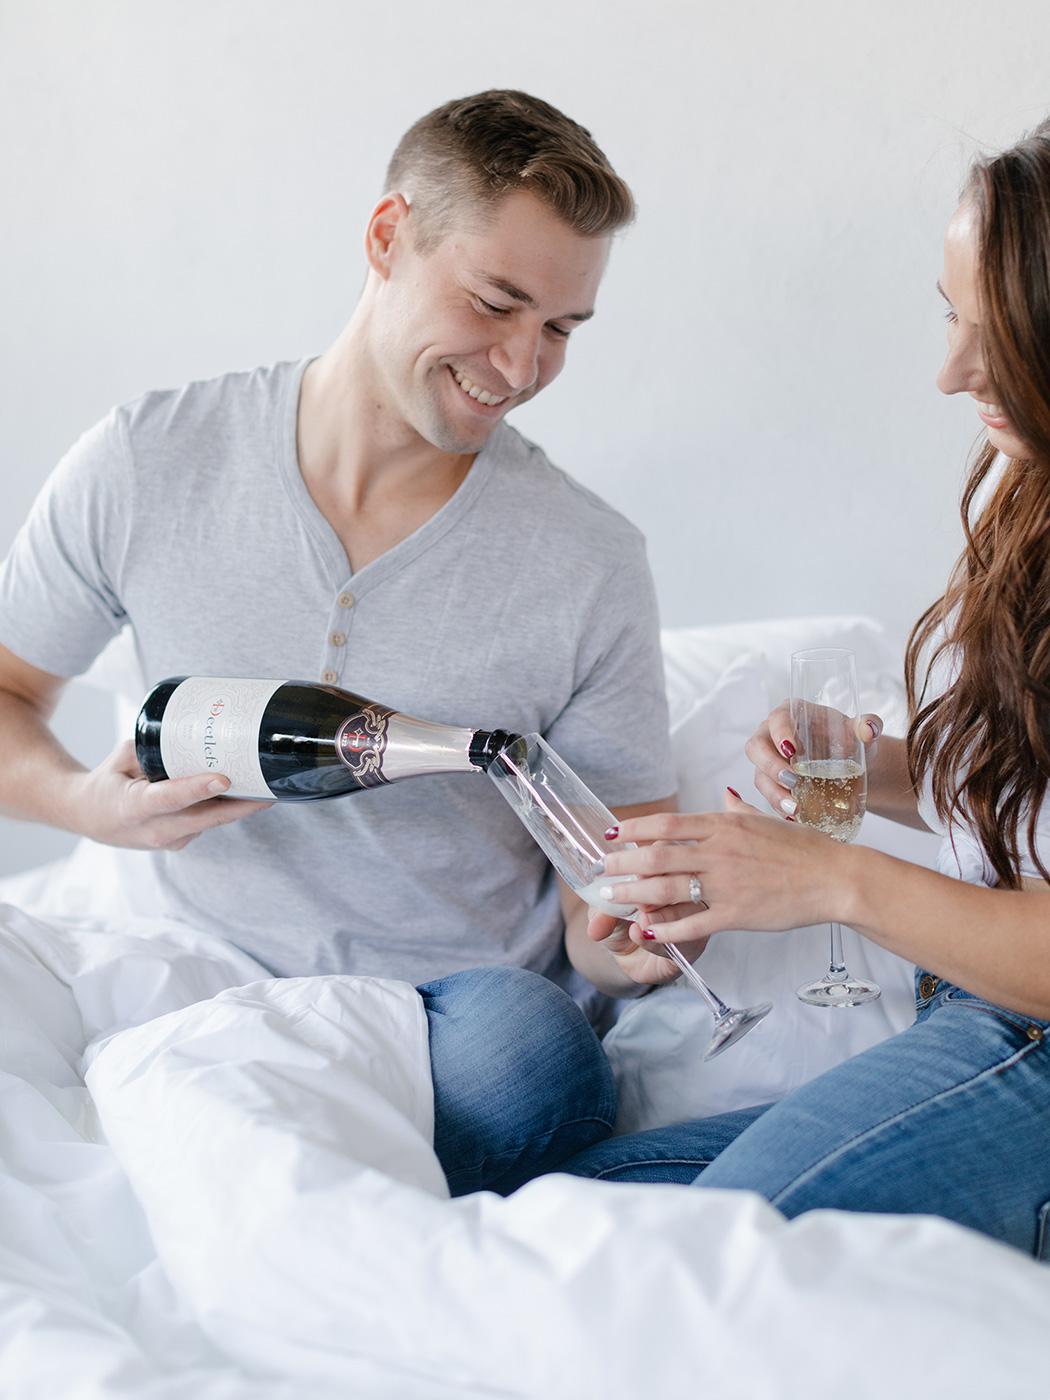 Pour the Champagne | Rensche Mari